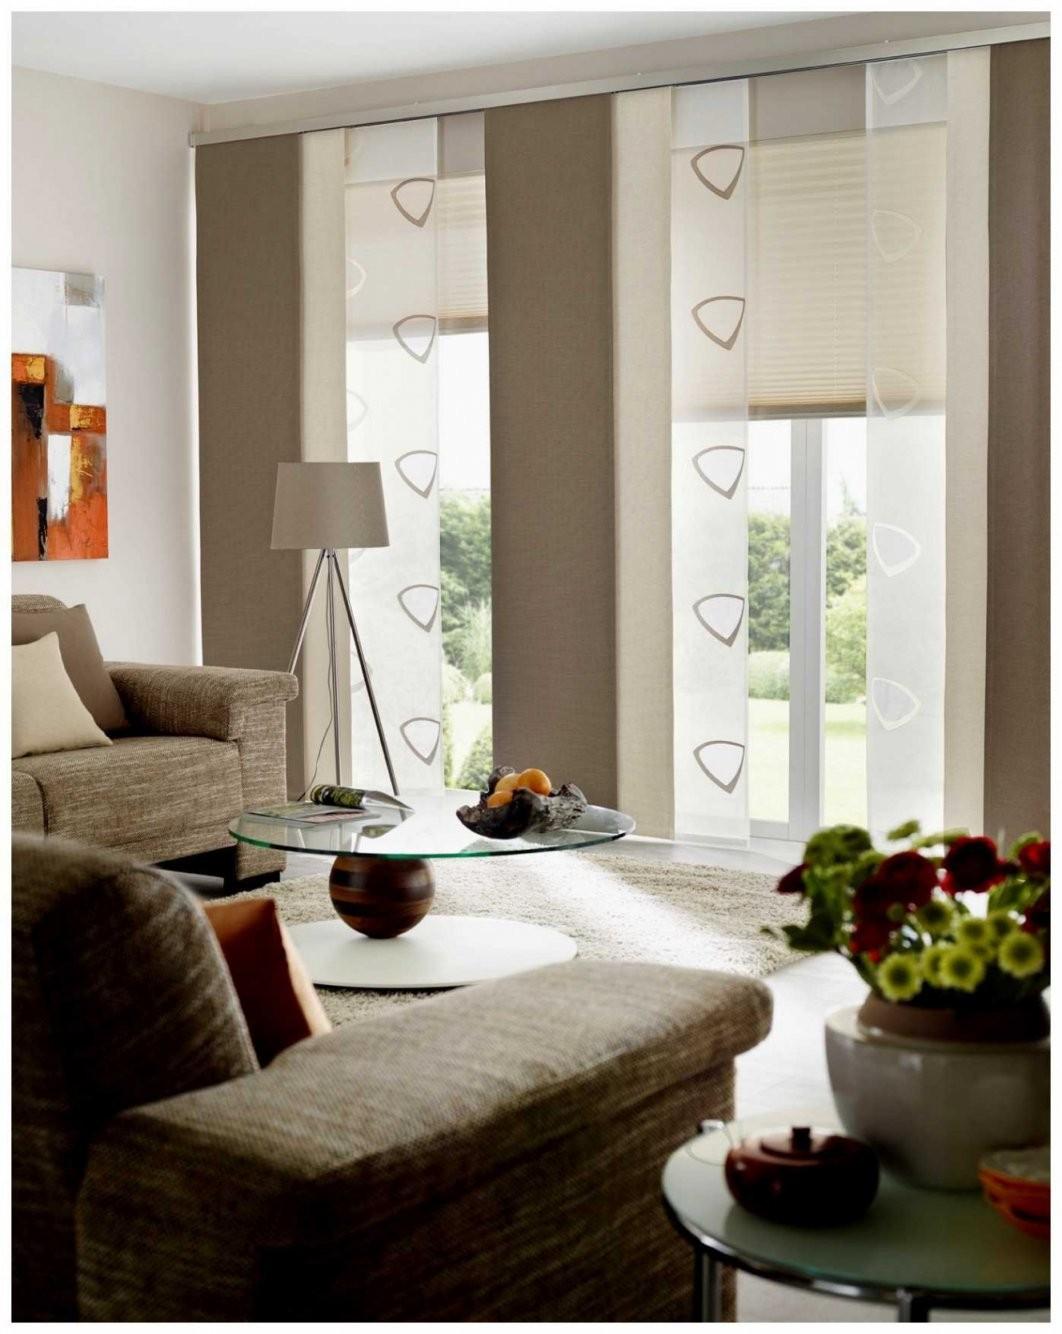 Gardinen Aufhängen Ideen — Temobardz Home Blog von Ideen Für Wohnzimmer Gardinen Photo